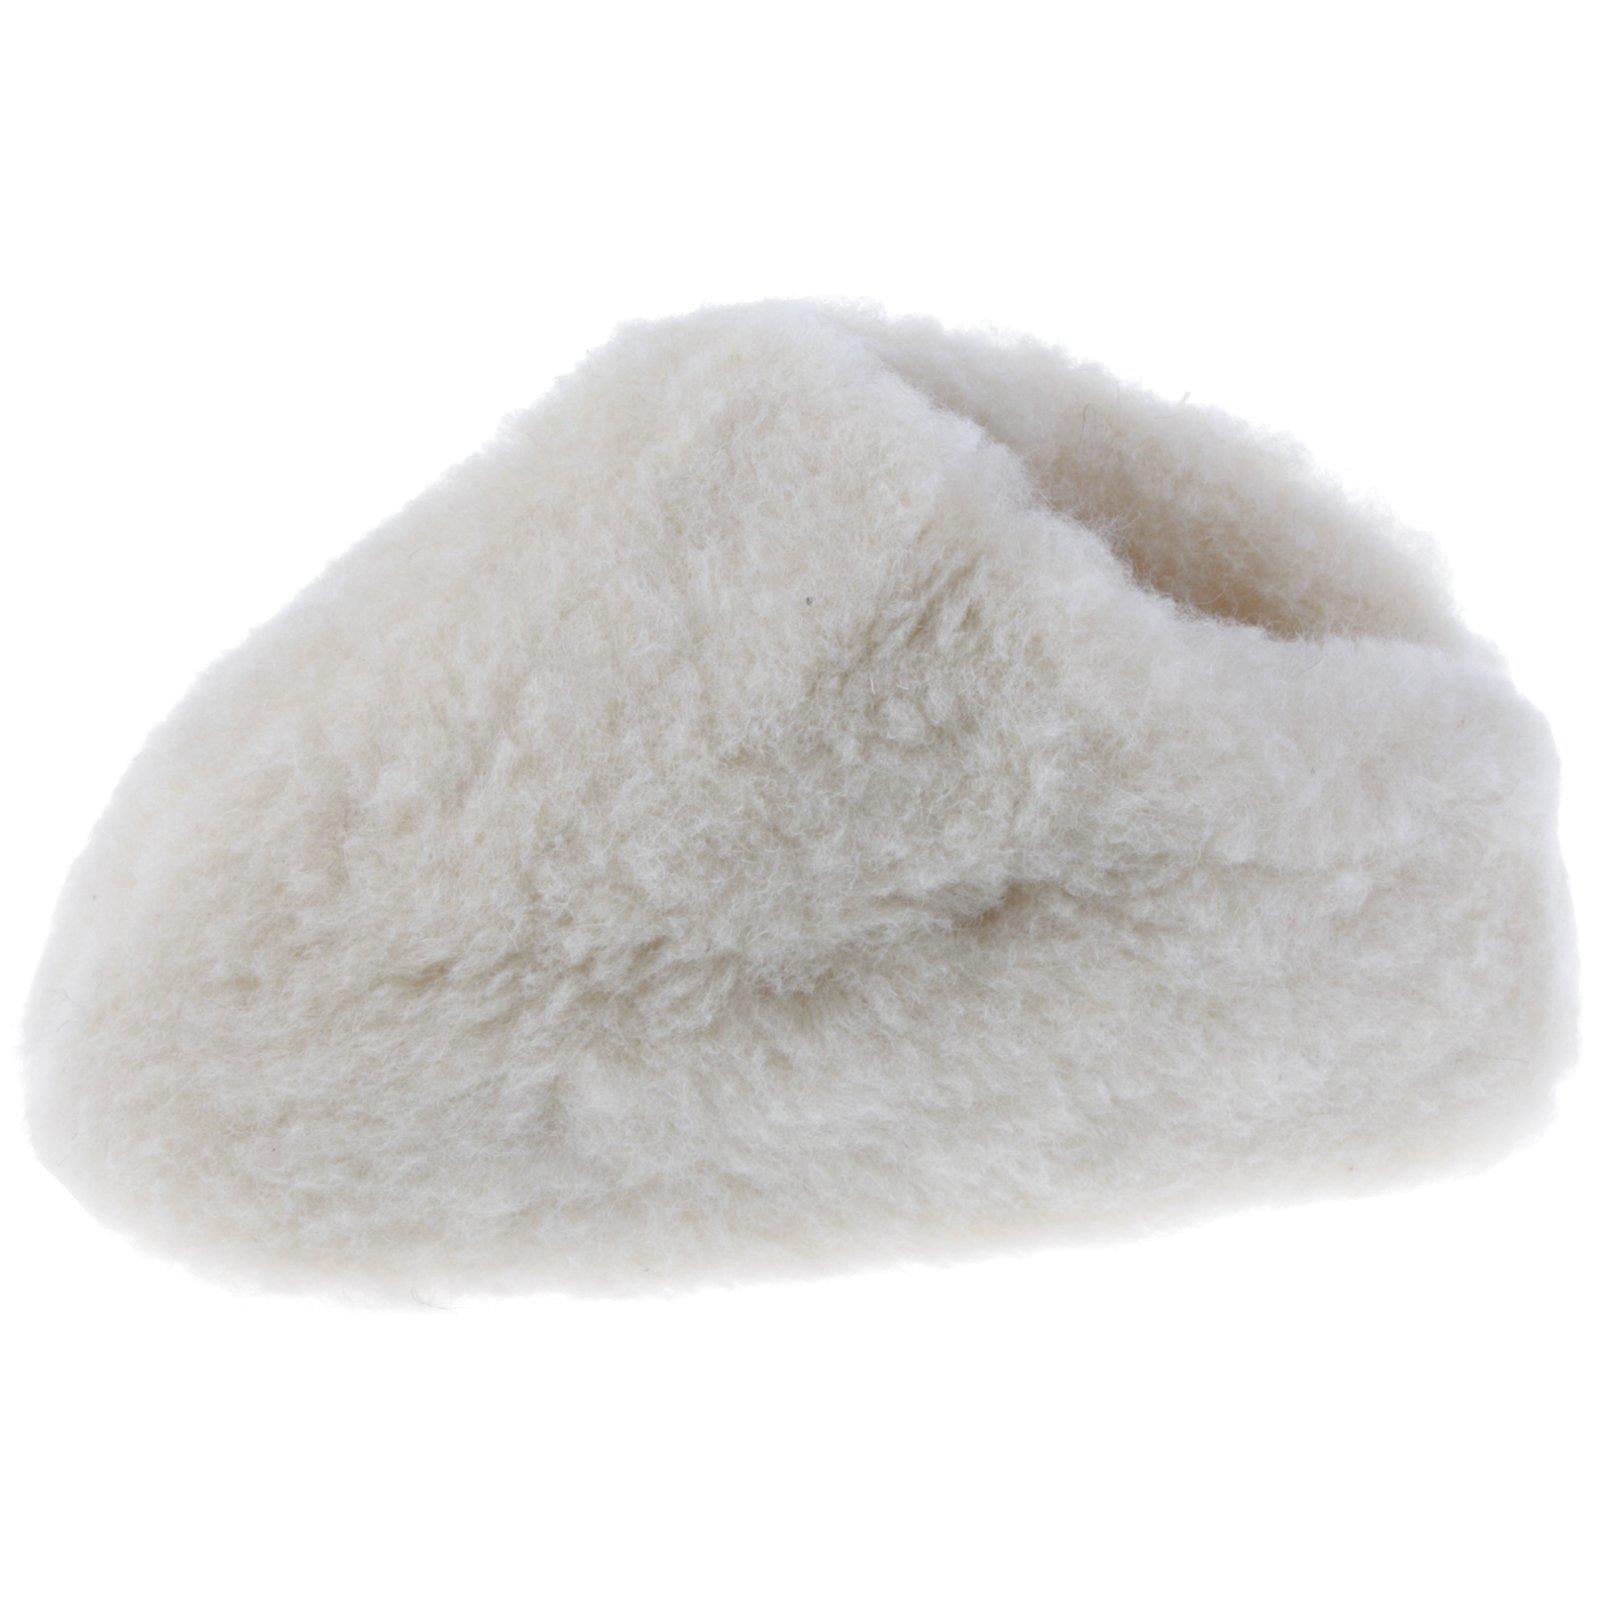 Lammfell-Hausschuhe-Pantoffel-Puschen-Schlappen-Slipper-Pluesch-Unisex-37-46 Indexbild 25